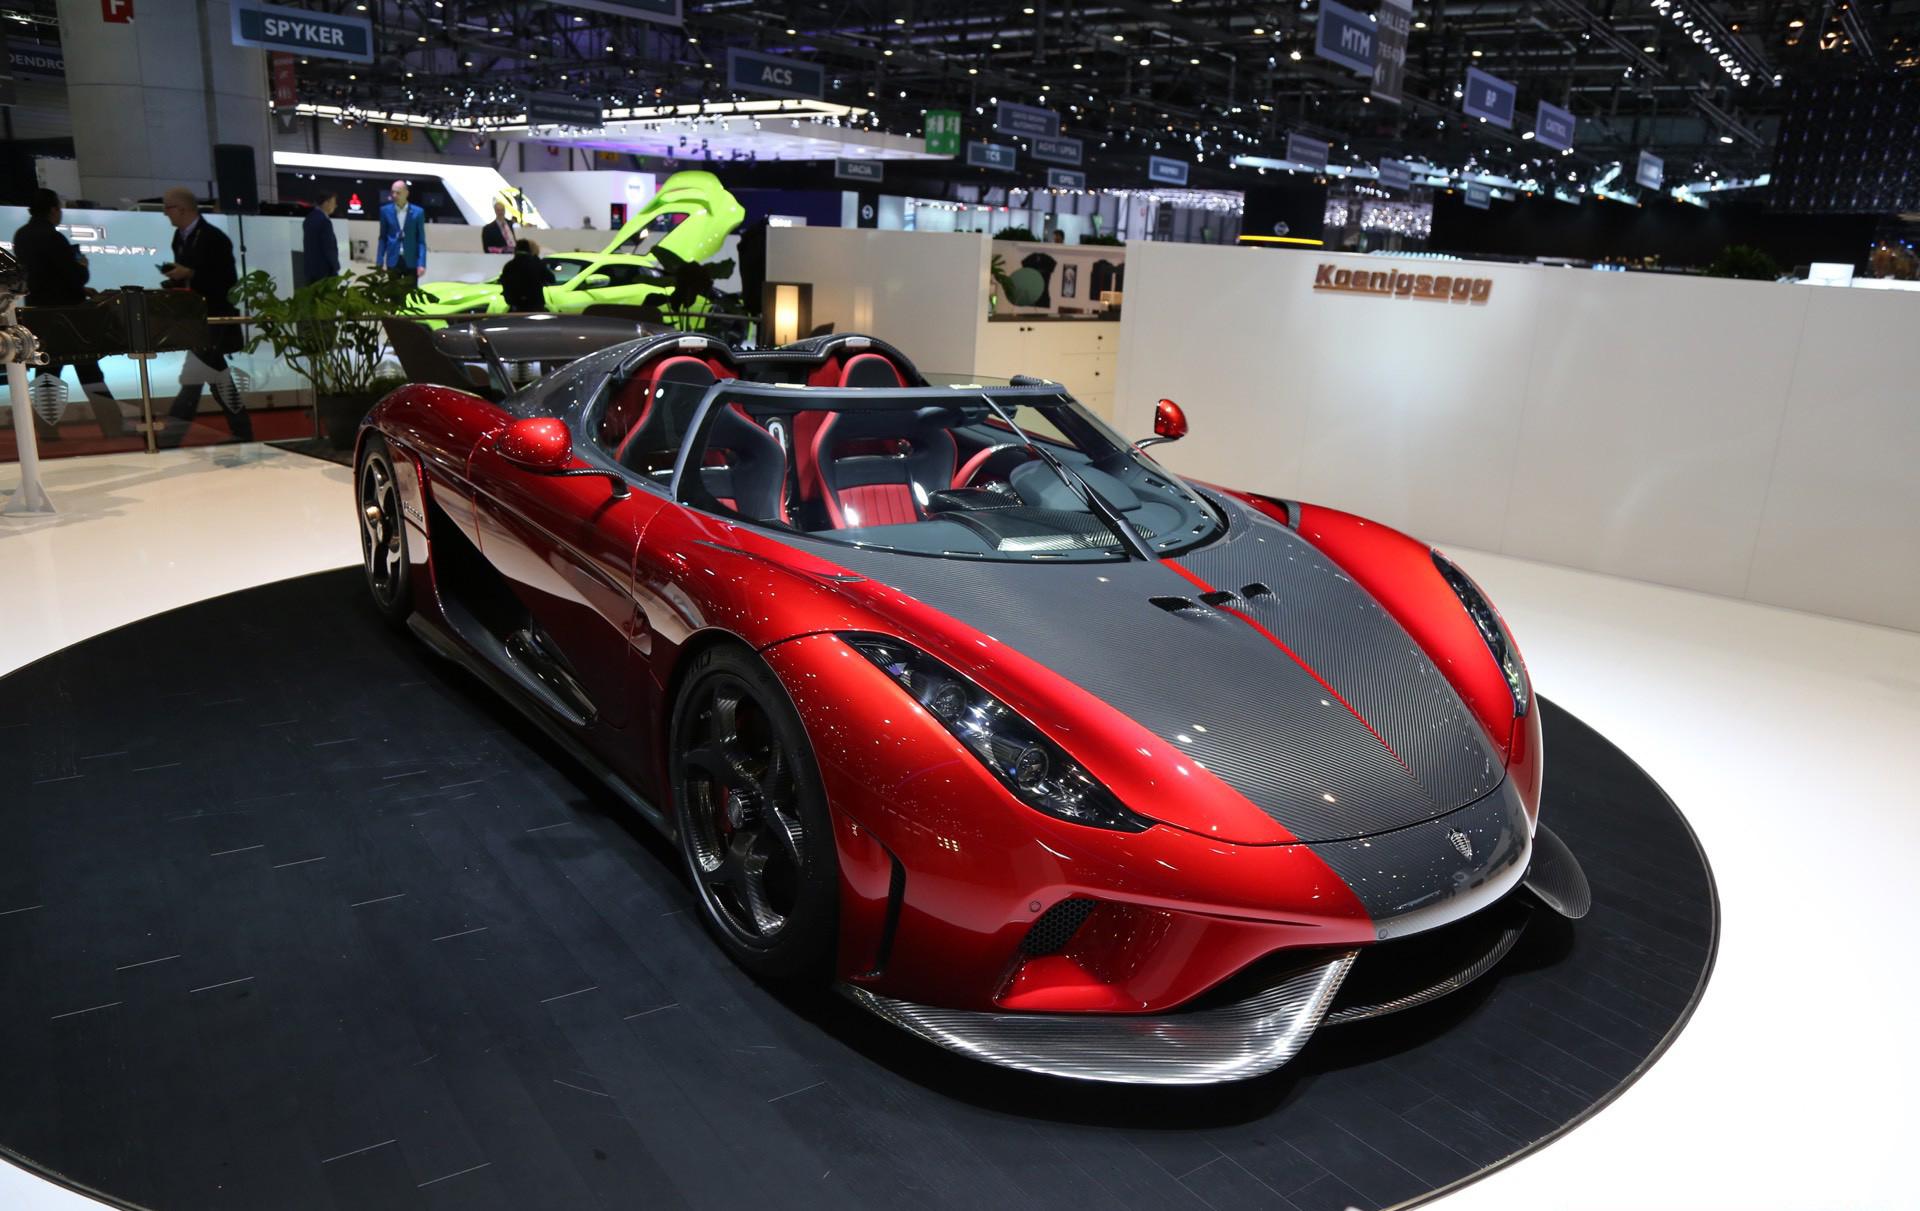 Всего 80 единиц - это крупнейшая серия автомобилей в истории компании, и в первый раз Koenigsegg будет строить два автомобиля одновременно.